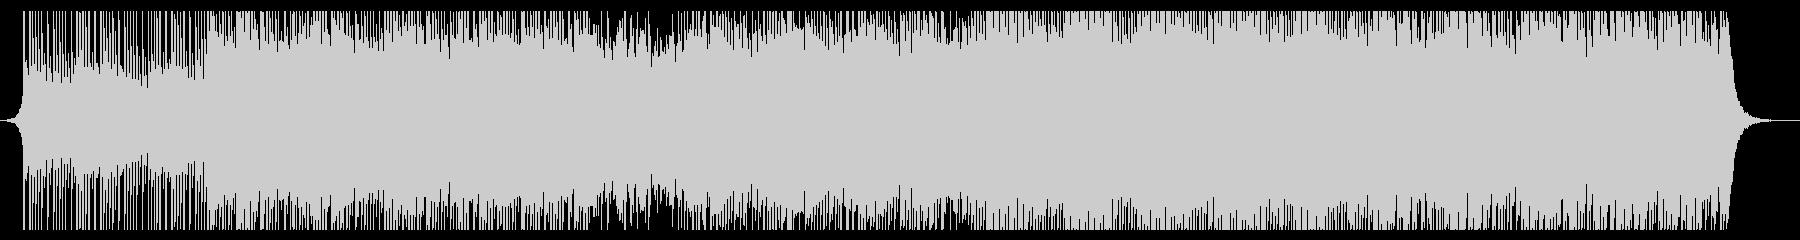 ハッピーアップビートファンの未再生の波形